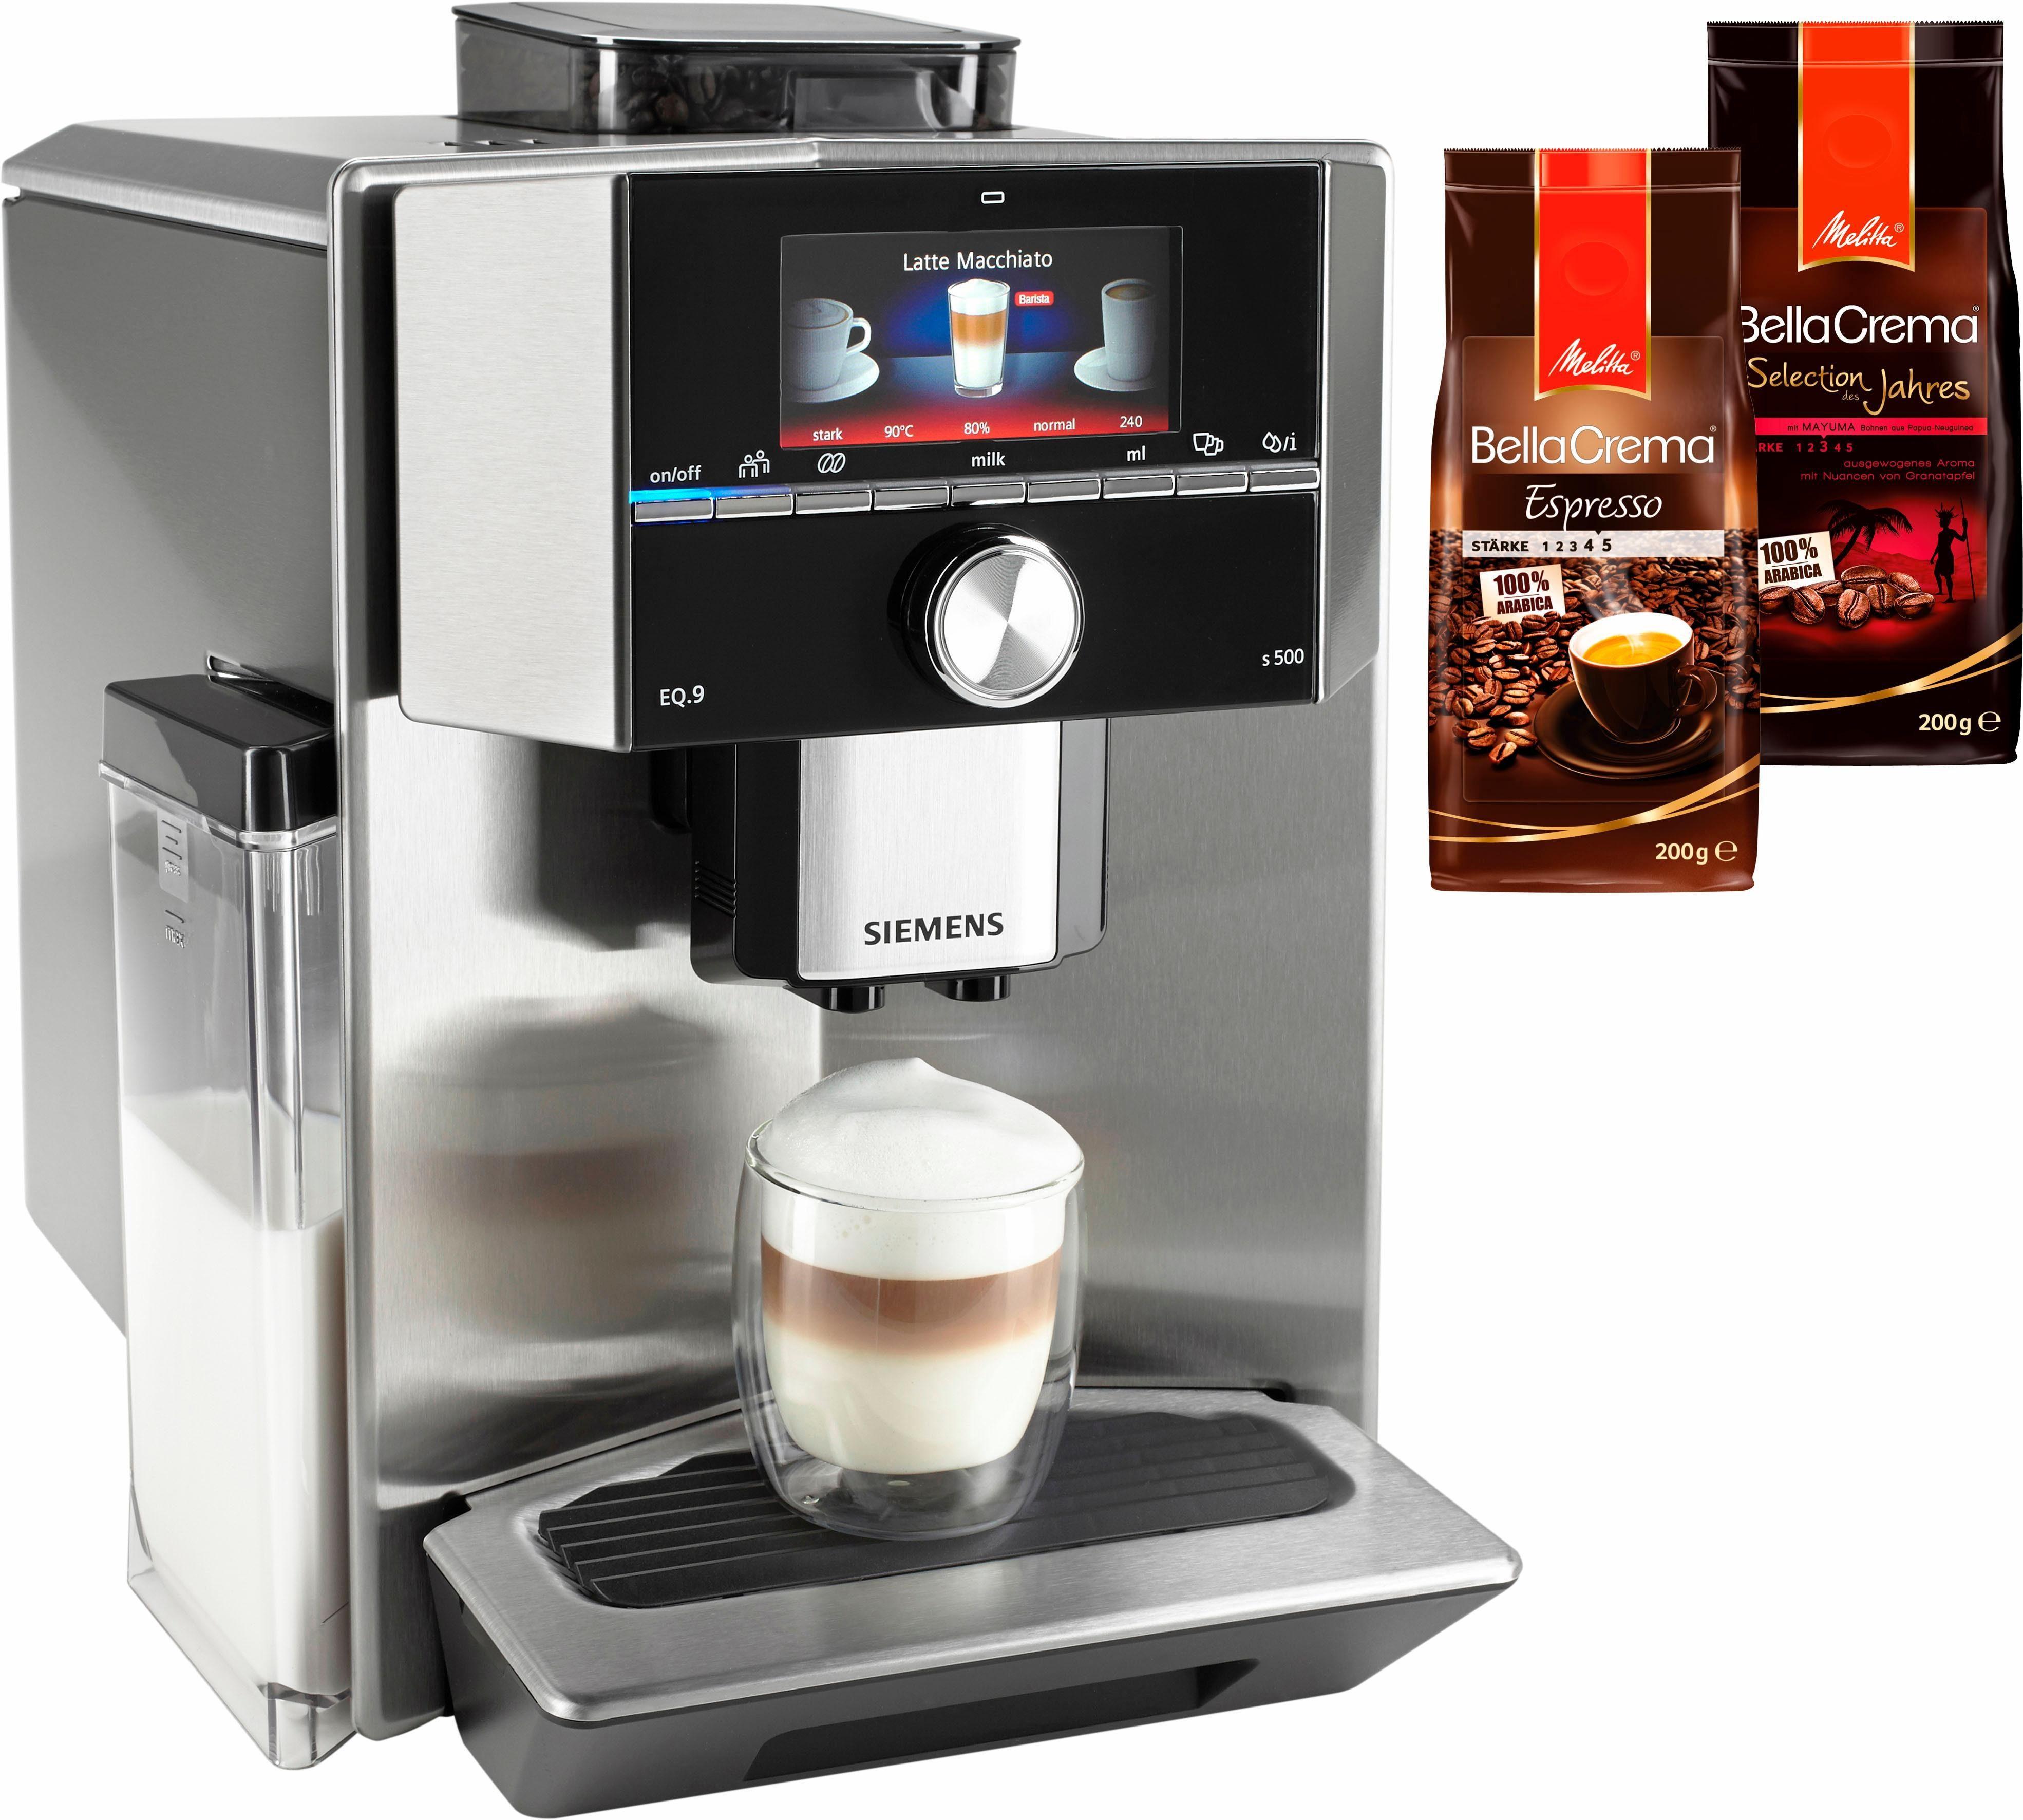 Siemens Kaffeevollautomat EQ.9 s500 TI905501DE, Integrierter Milchtank, 19 bar, 1500 Watt